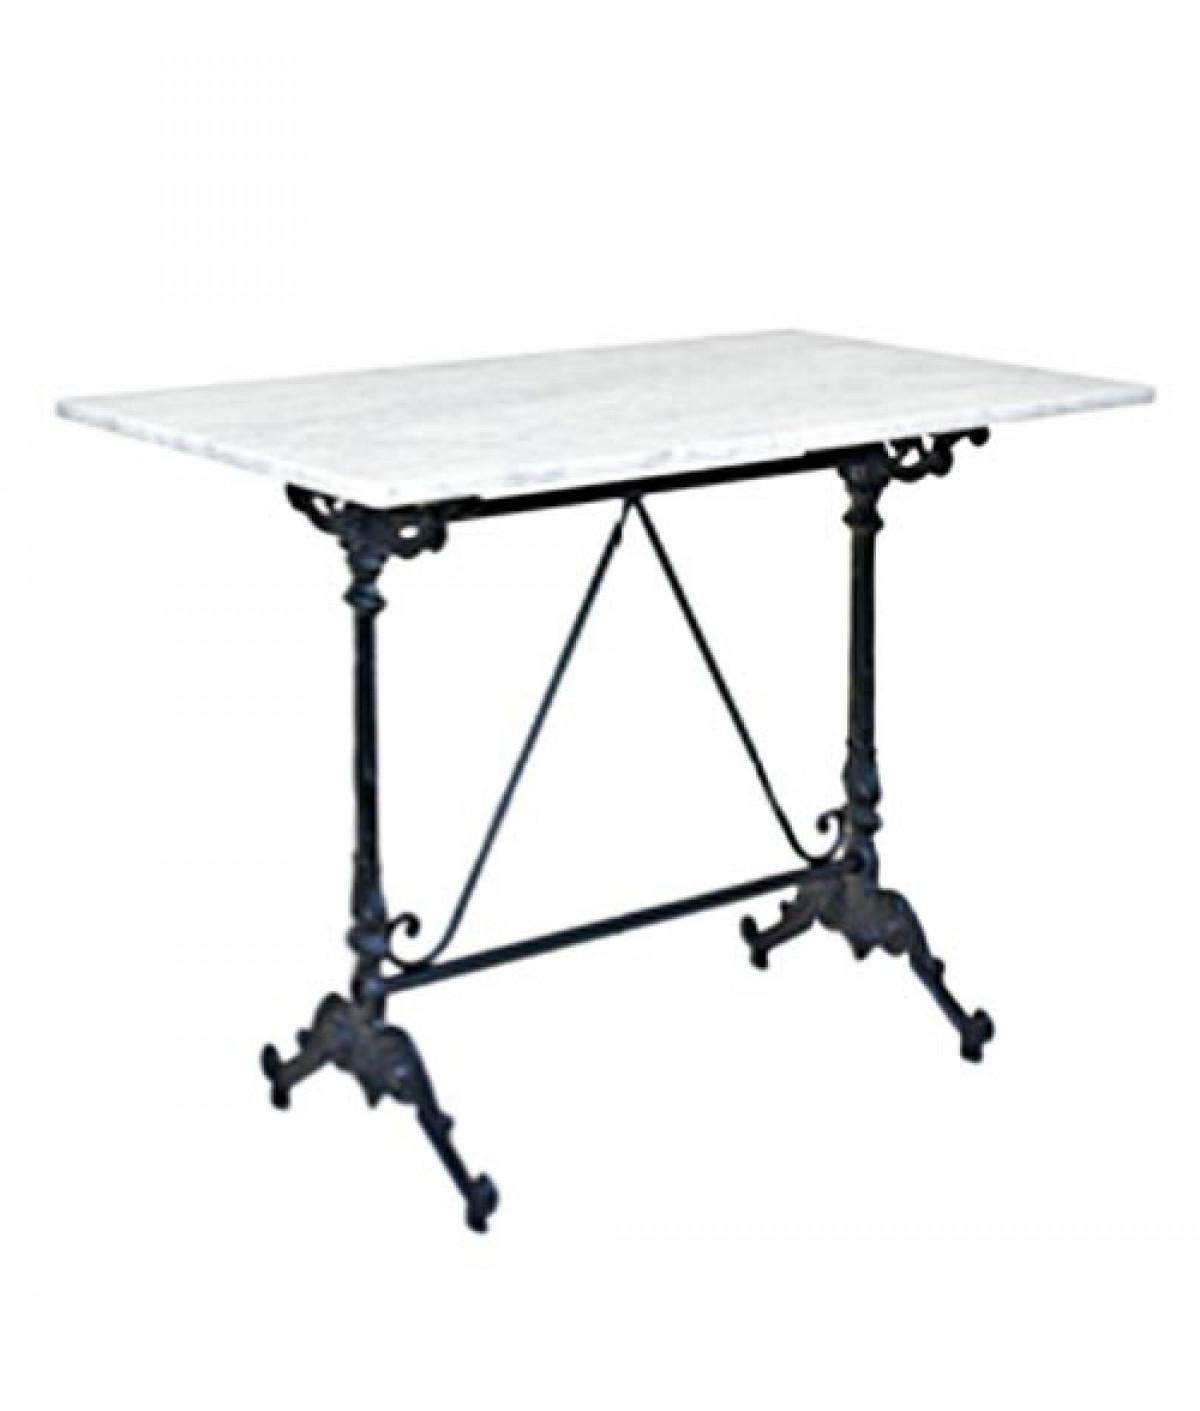 Imitation Pierre Ou Marbre Noble Table De Bistrot